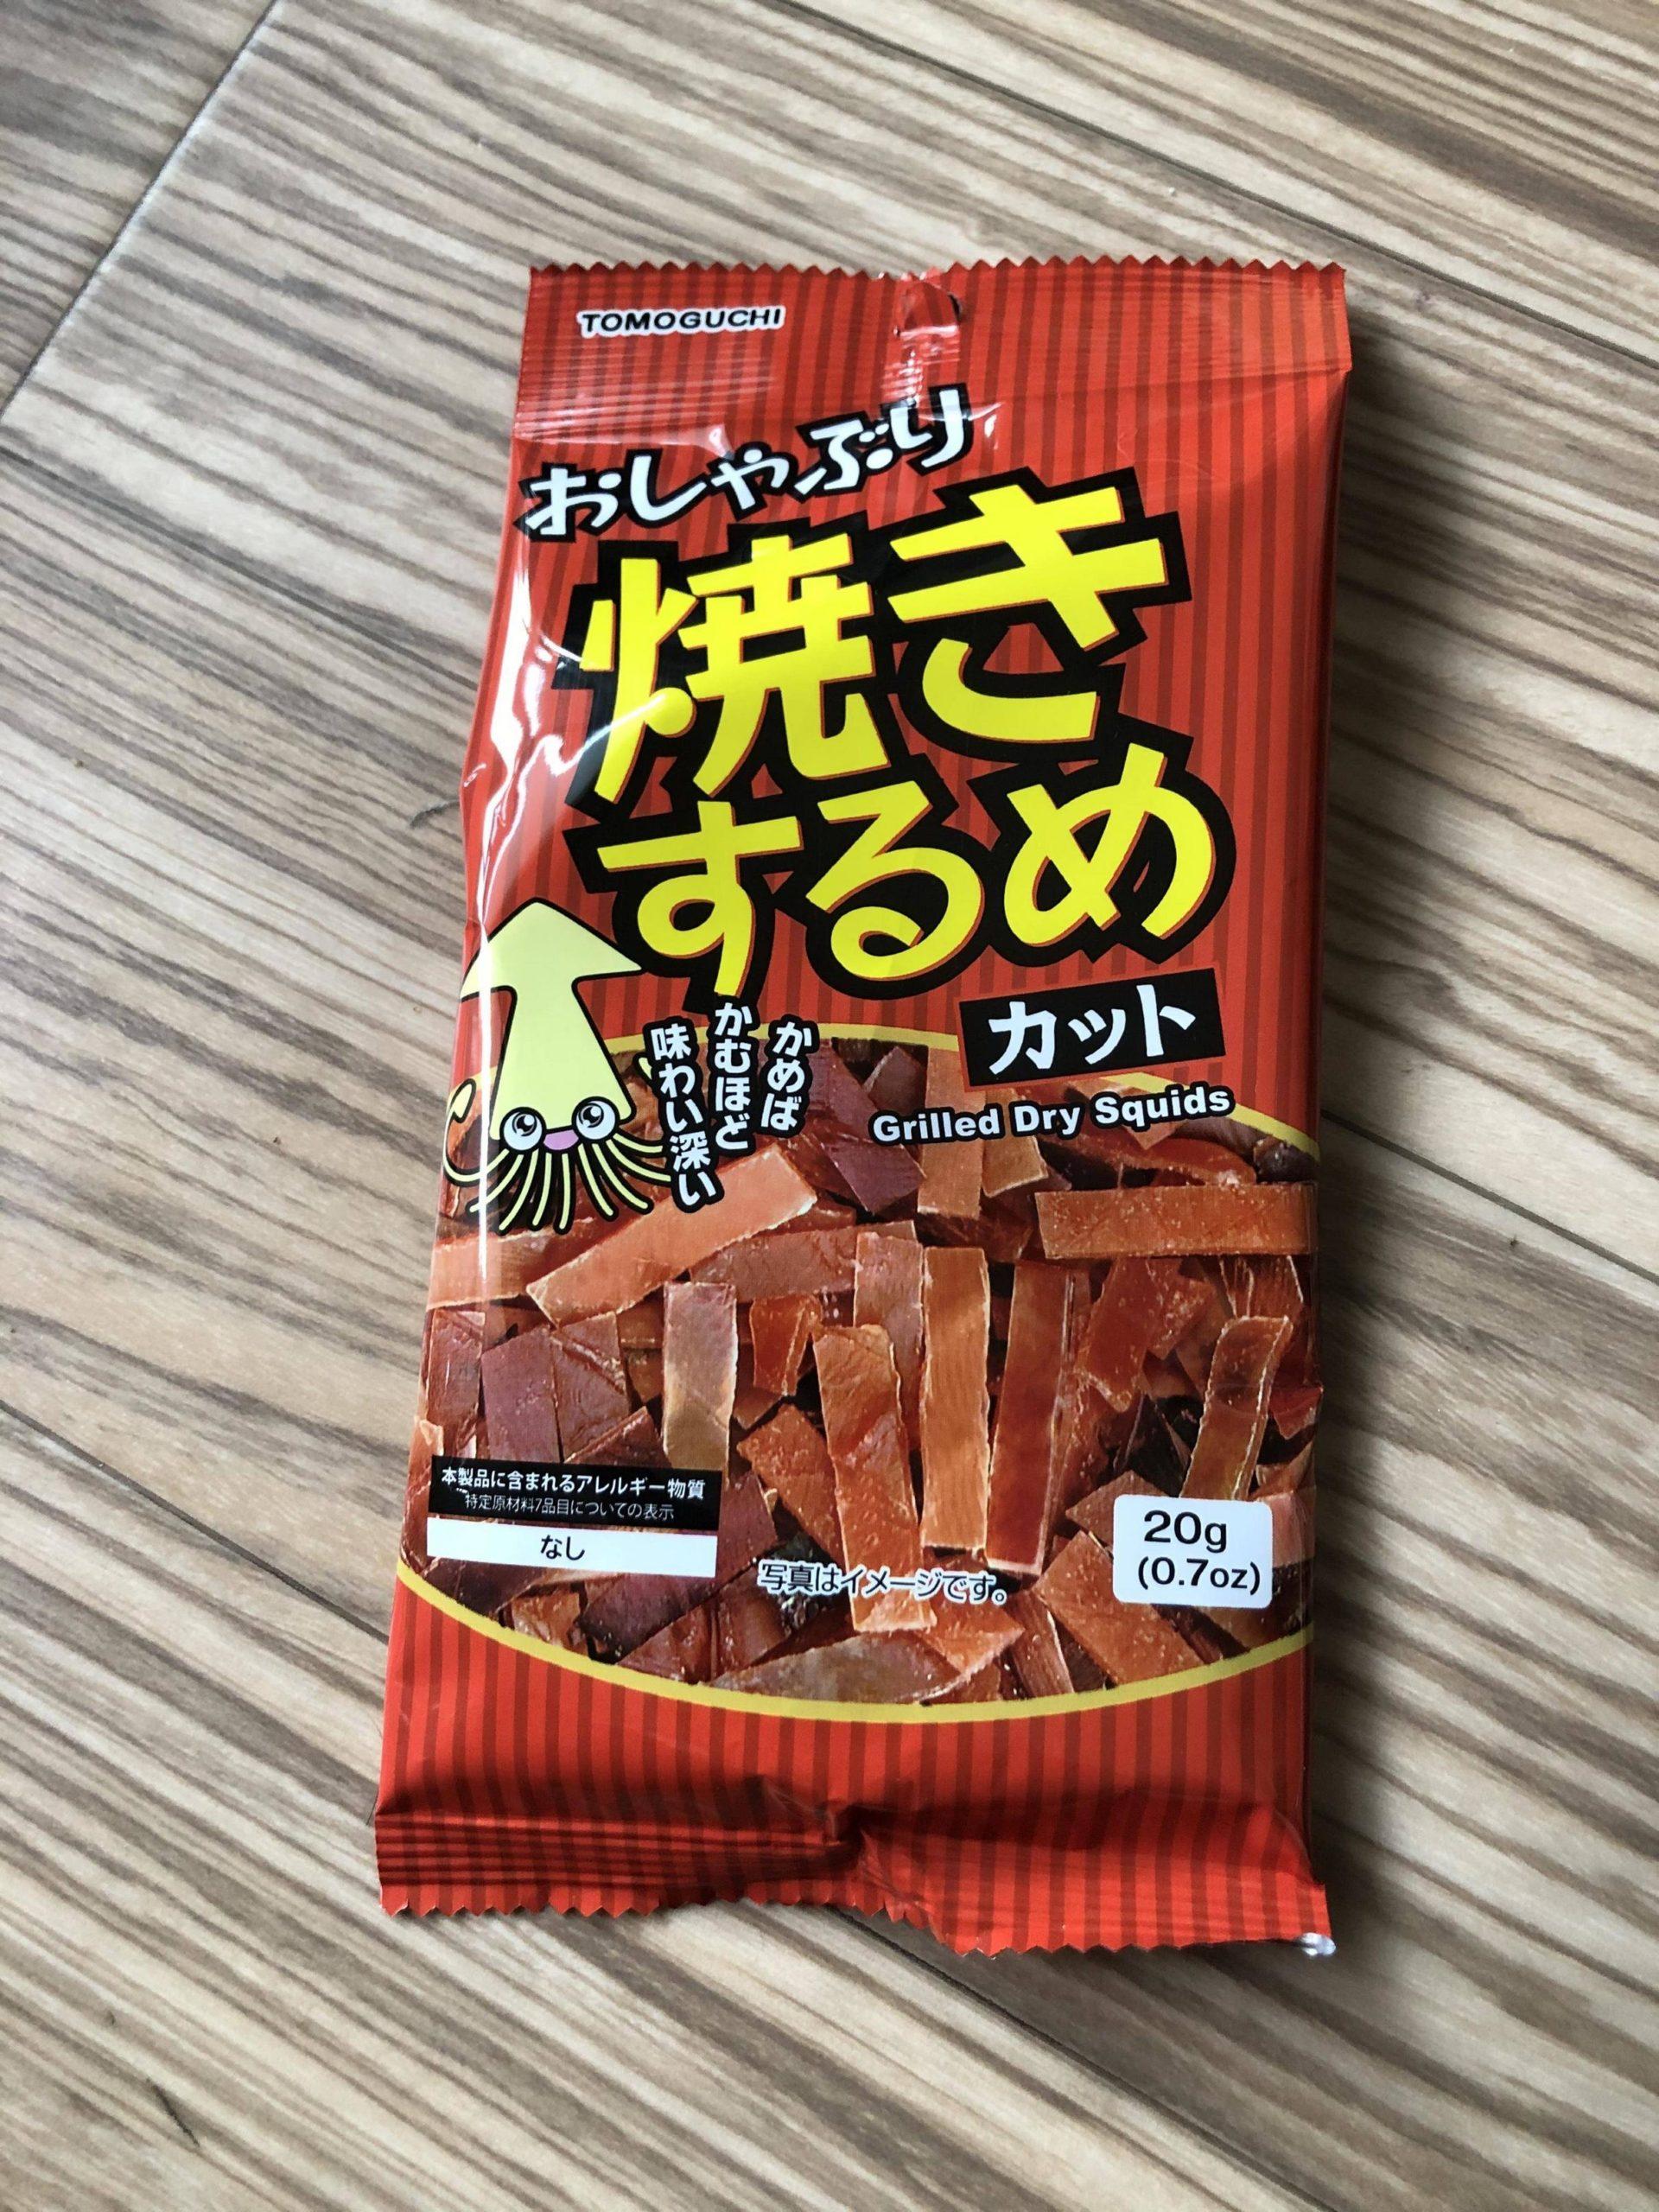 【画像】ダイソーに超高タンパク質なお菓子売ってた